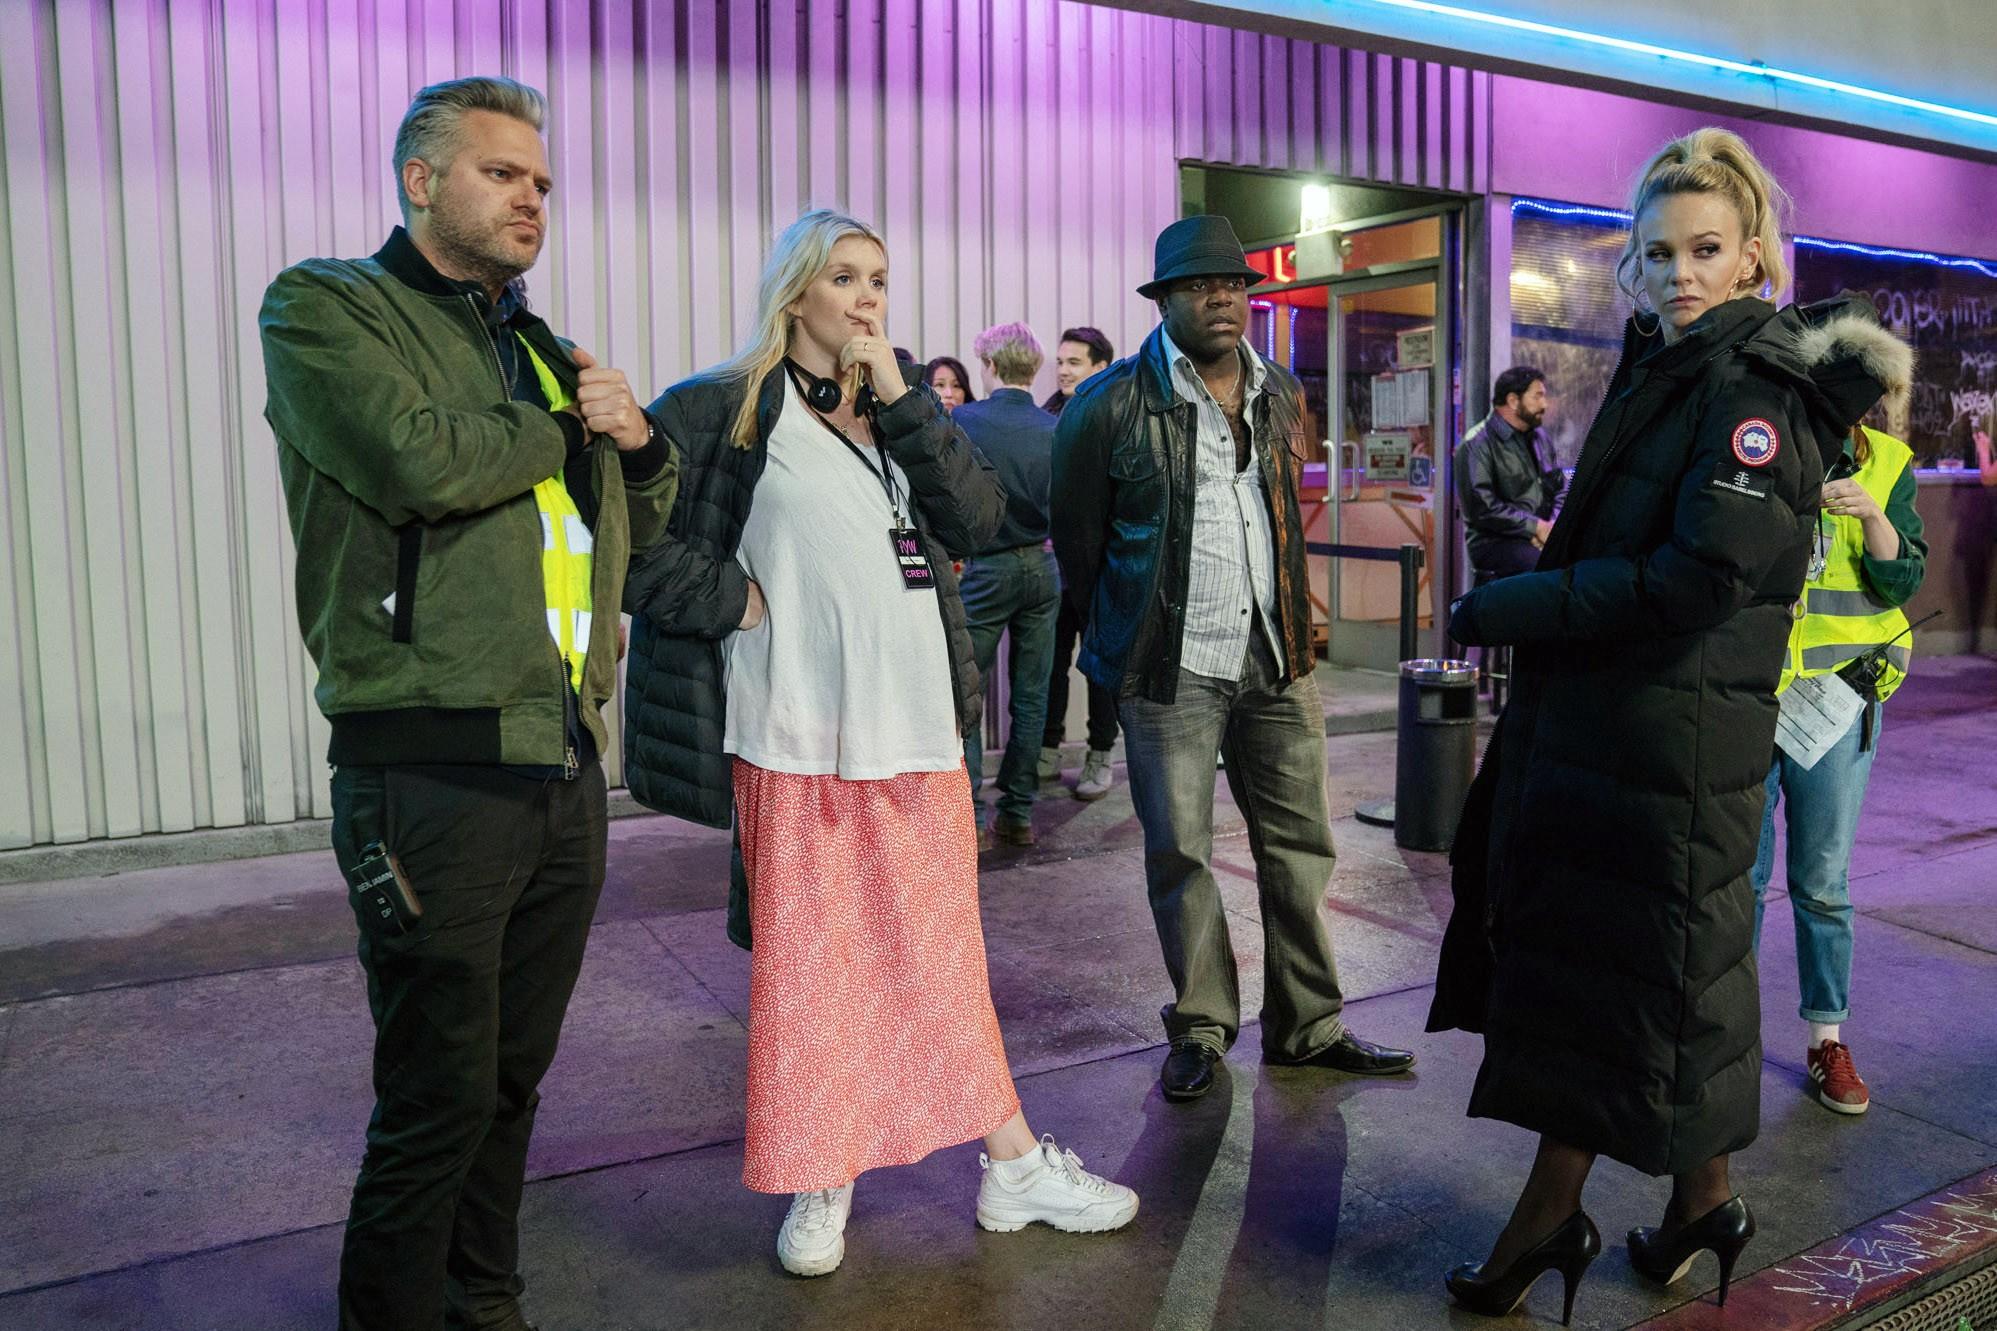 'Zatanna' tendrá su propia película en el DCEU; Emerald Fennell escribirá el guion